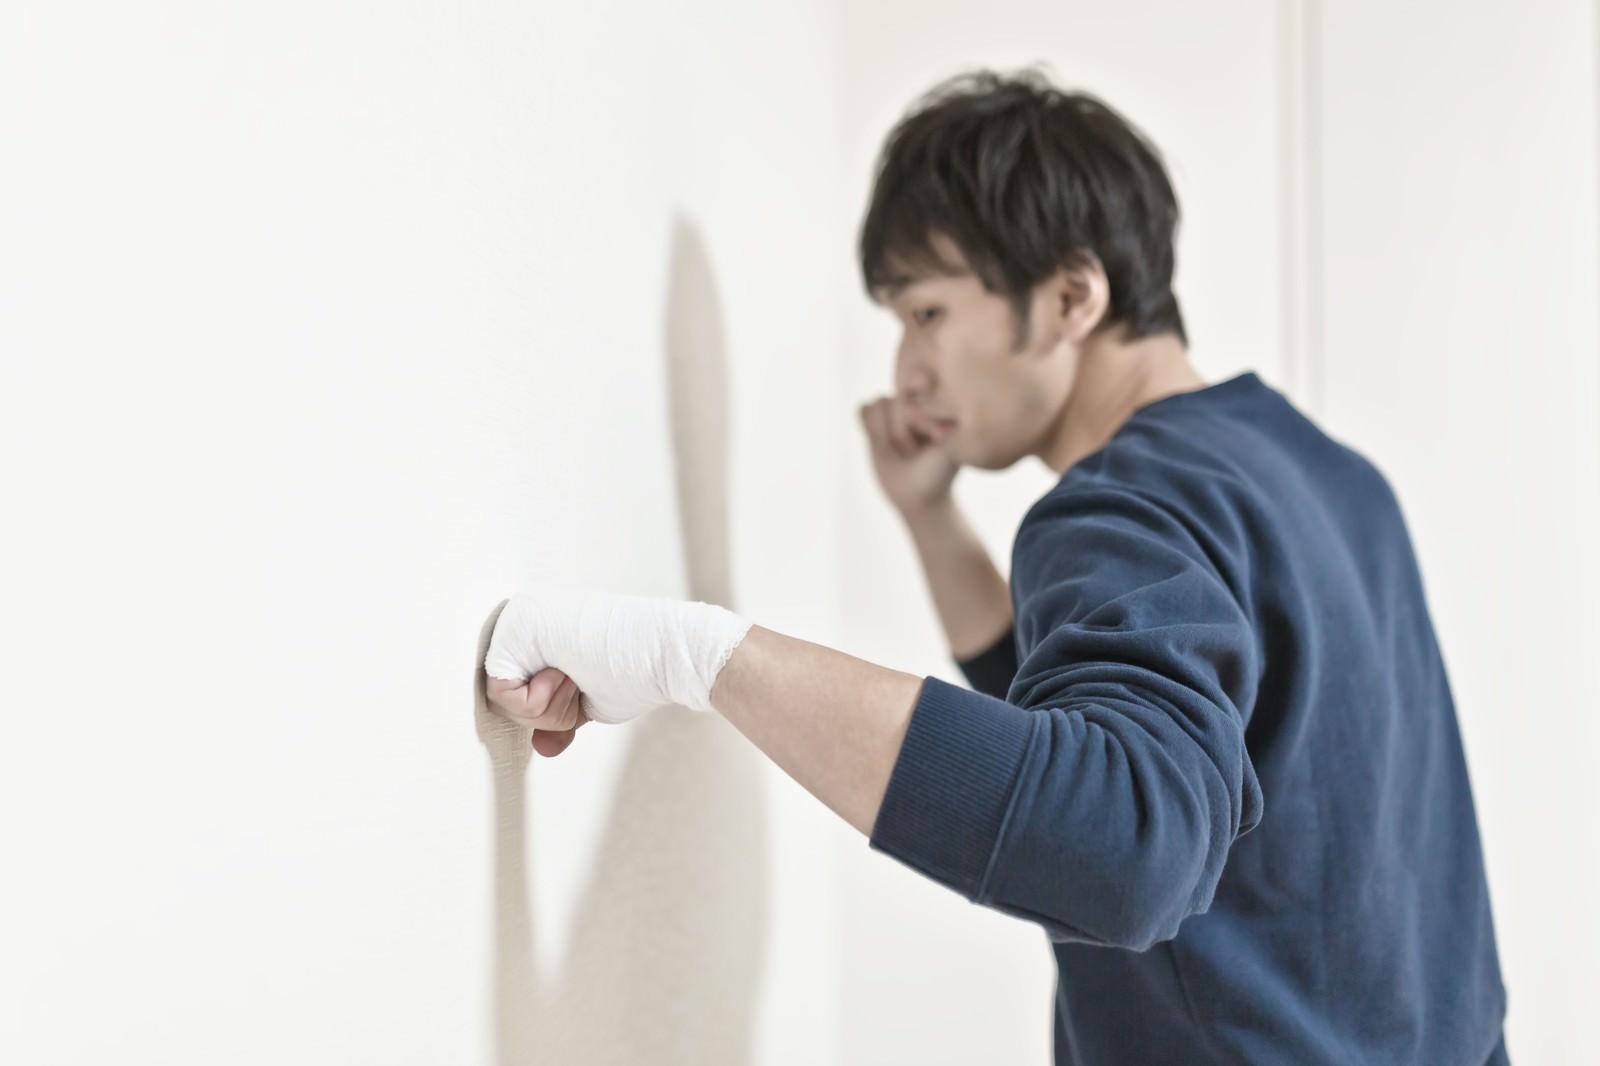 「包帯をしてまで壁を殴り続ける男性」の写真[モデル:大川竜弥]